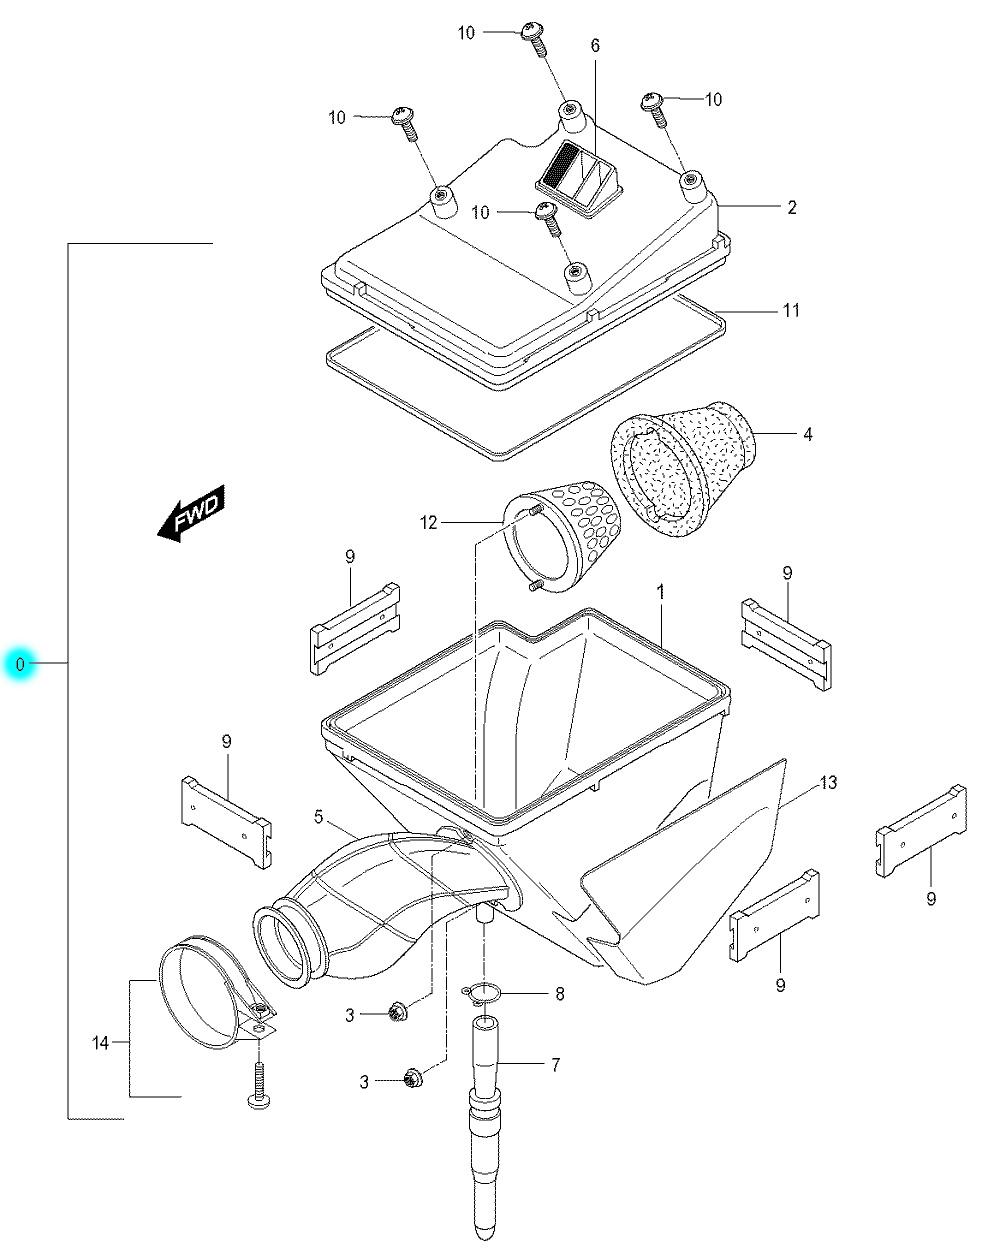 [0] Vzduchový filtr kompletní (vzduchový filtr) - Hyosung RX 125